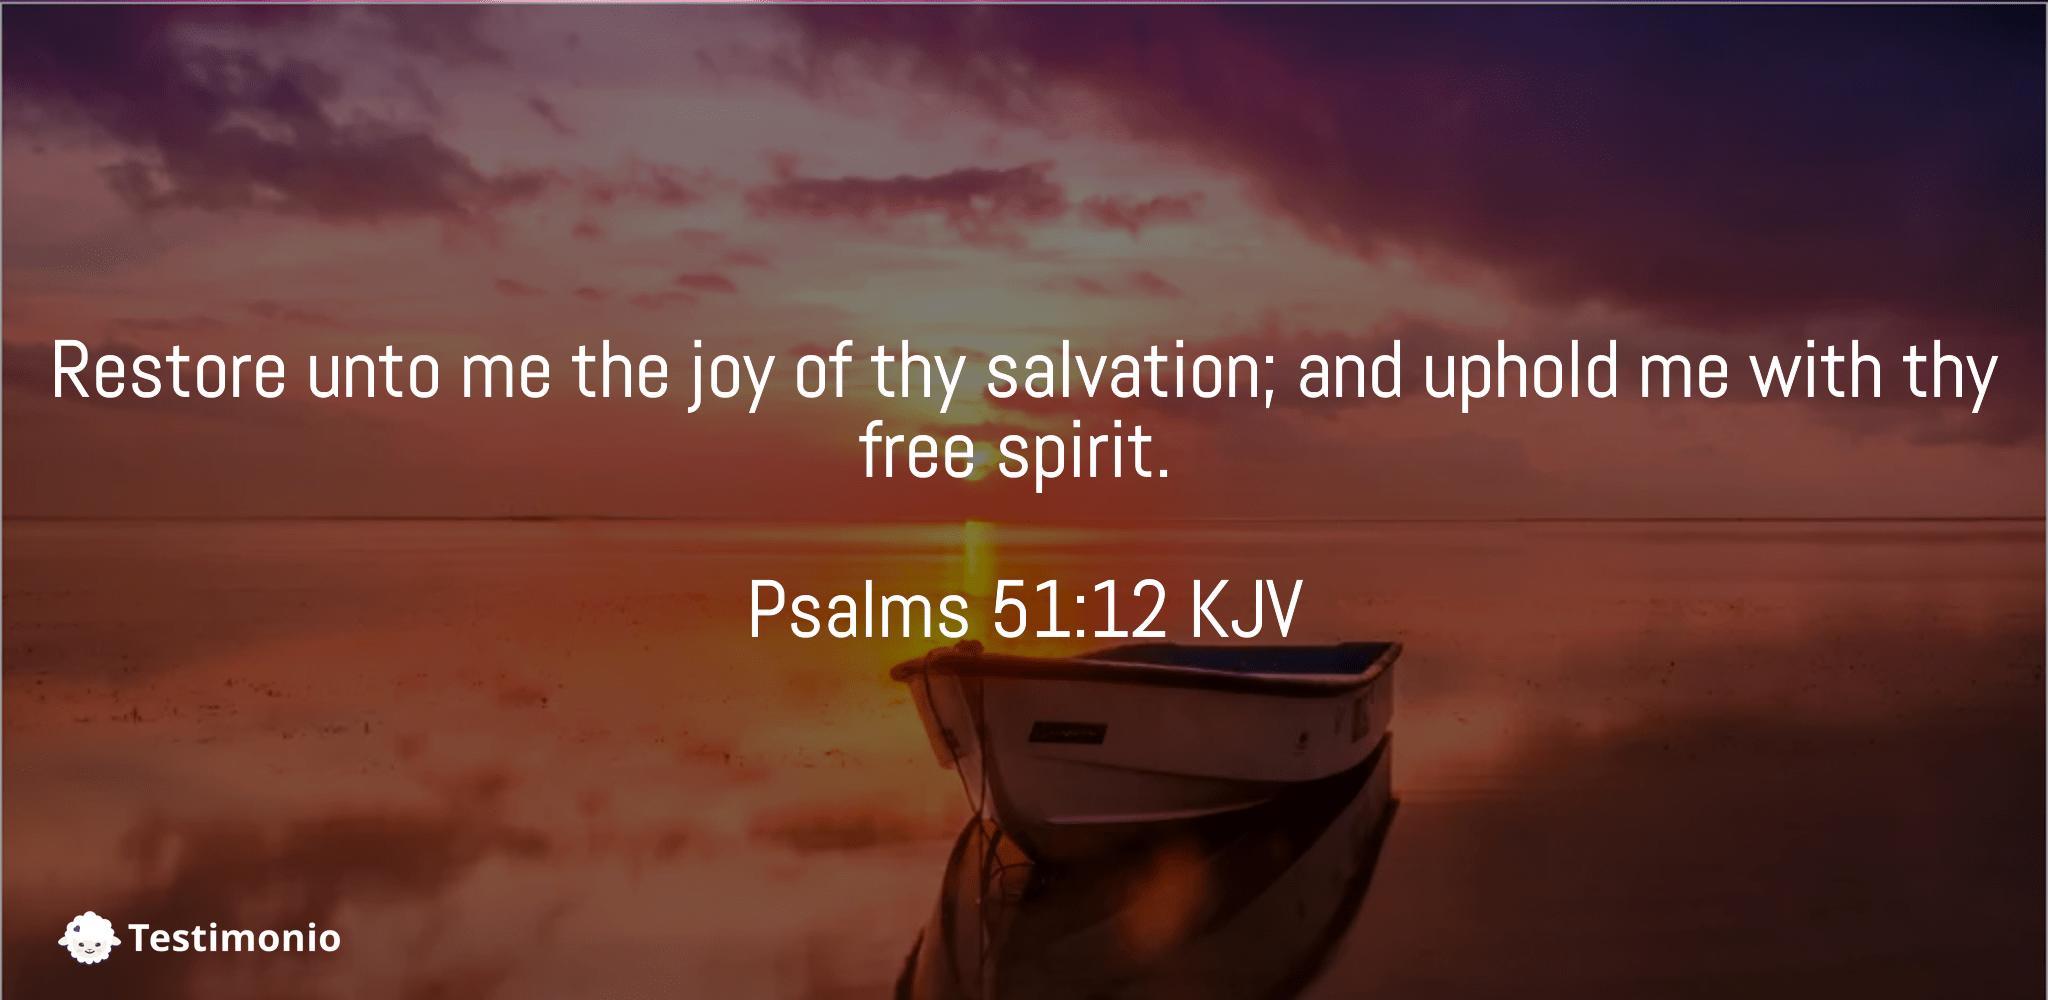 Psalms 51:12